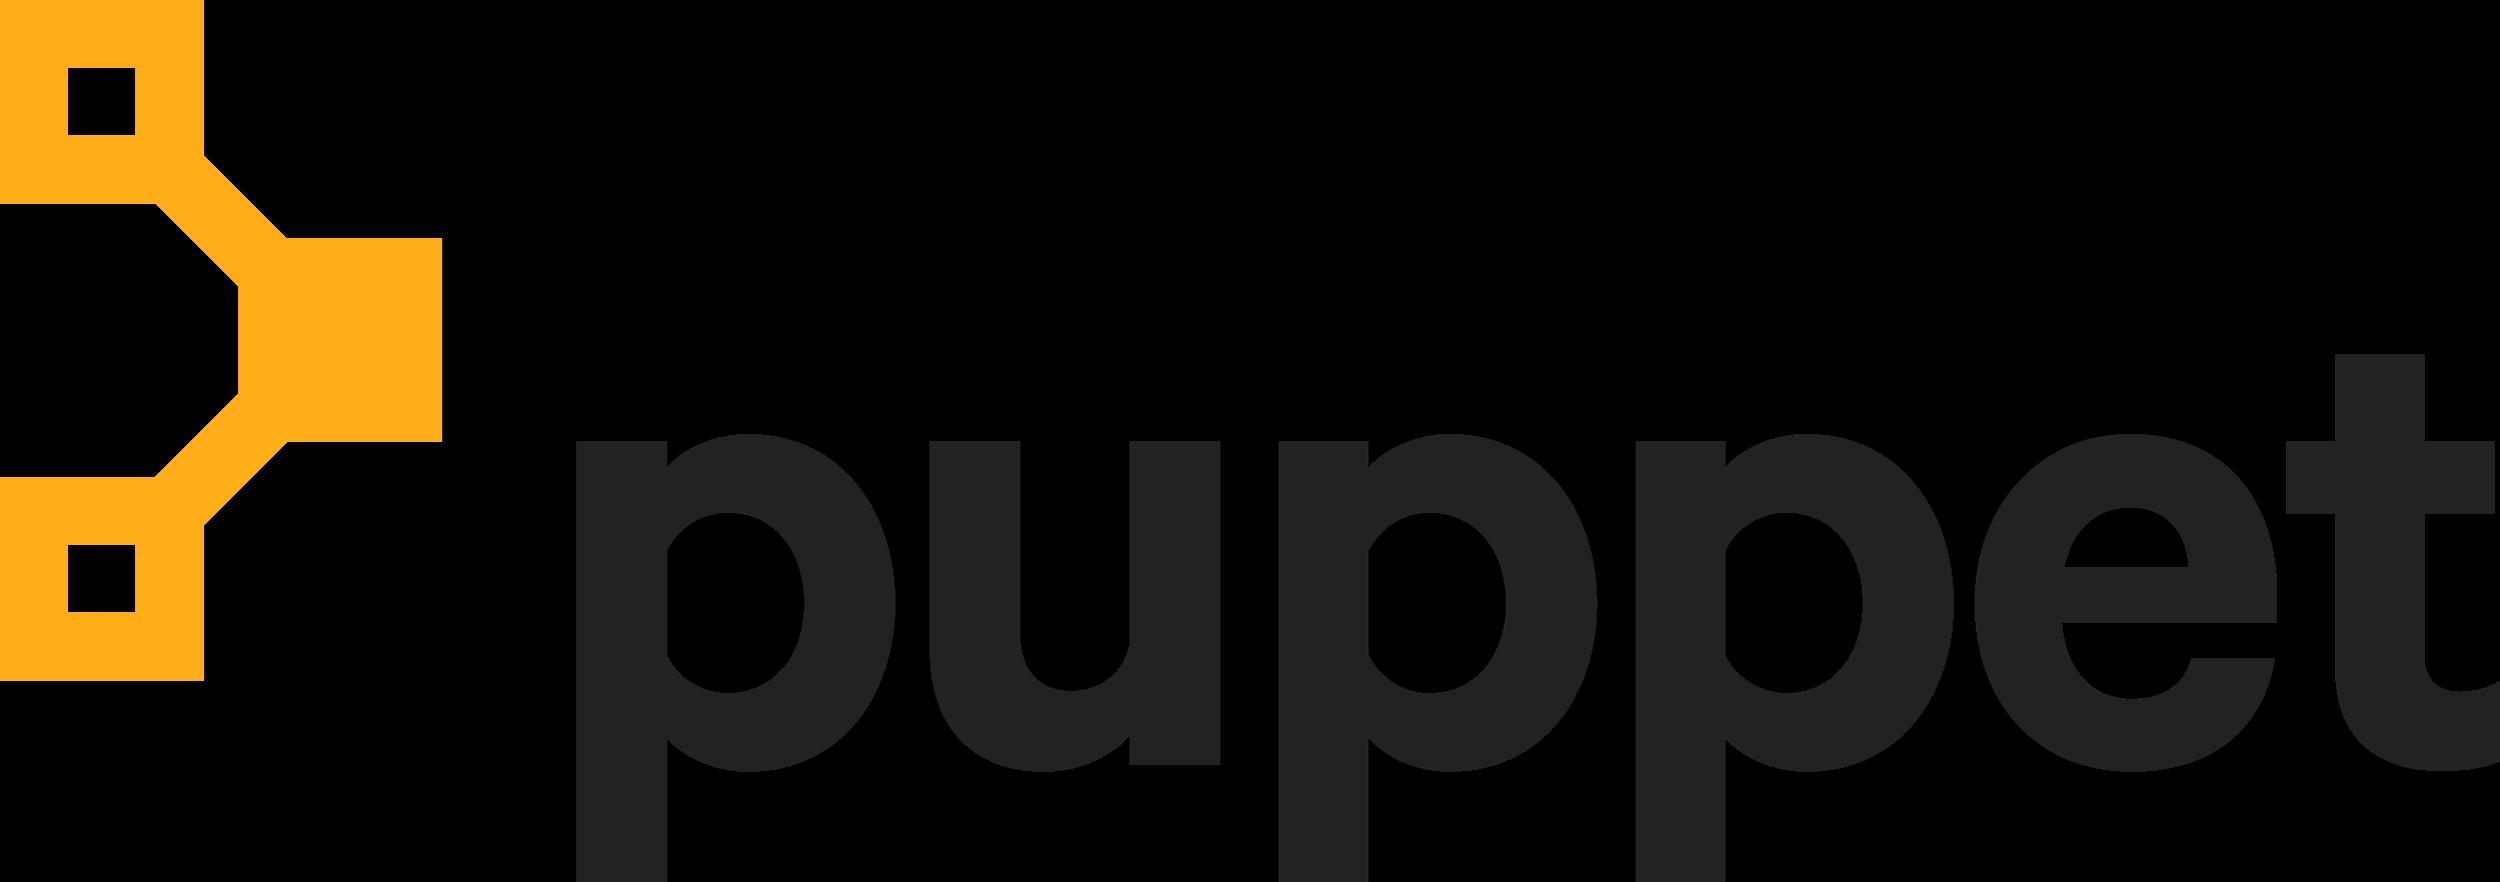 Puppet Enterprise